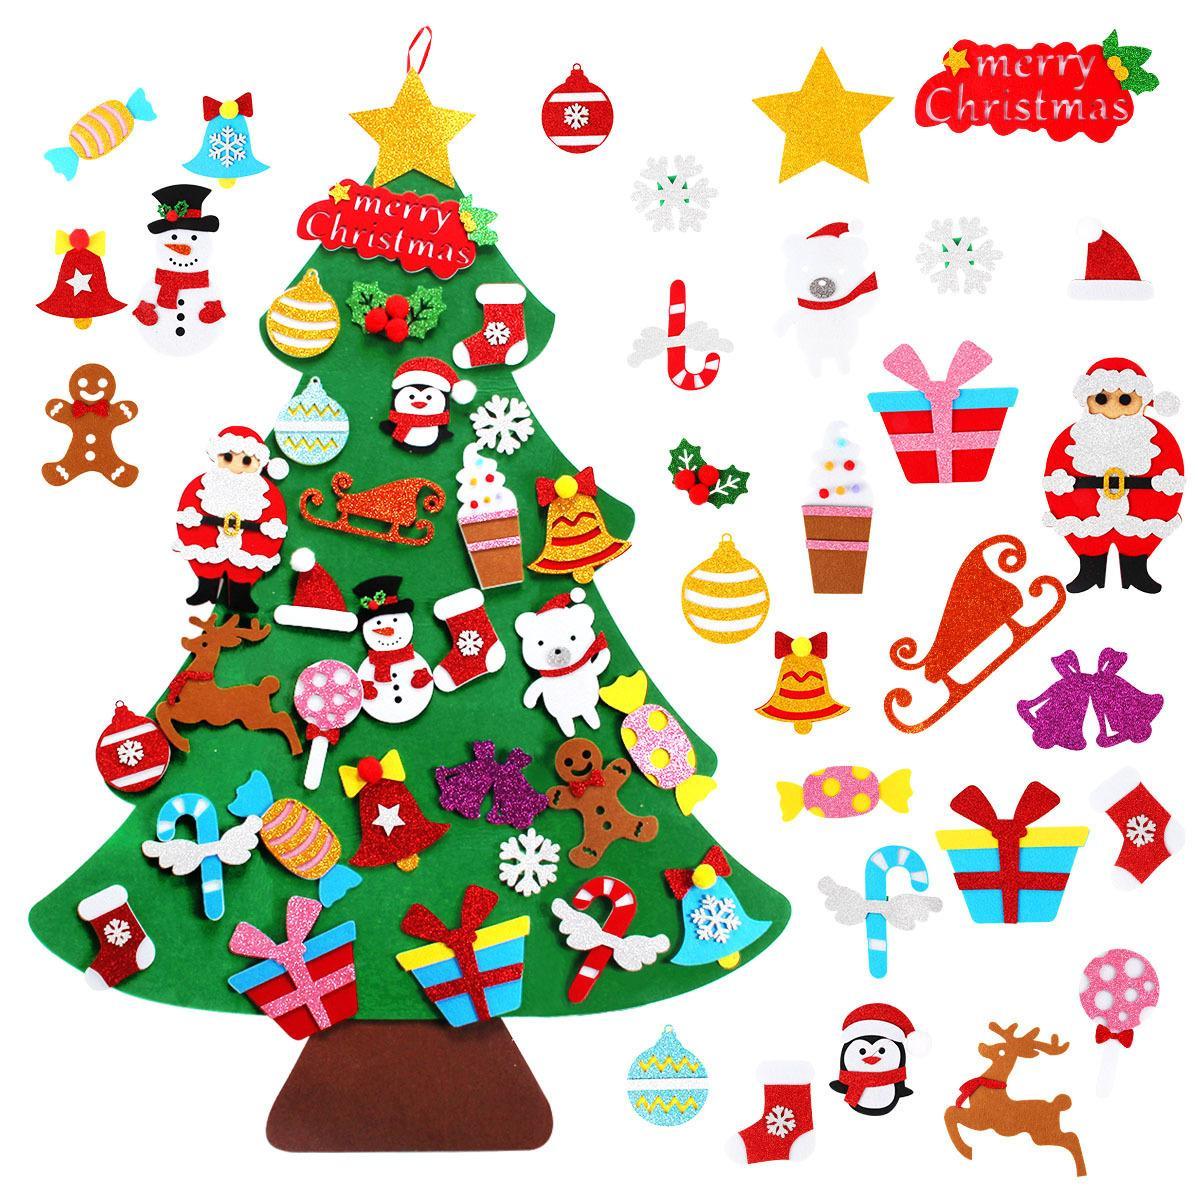 شعرت diy شجرة عيد الميلاد ديكور سانتا كلوز الاطفال اللعب ديكور عيد الميلاد للمنزل عيد الميلاد شنقا الحلي السنة الجديدة 2021 هدايا 201006